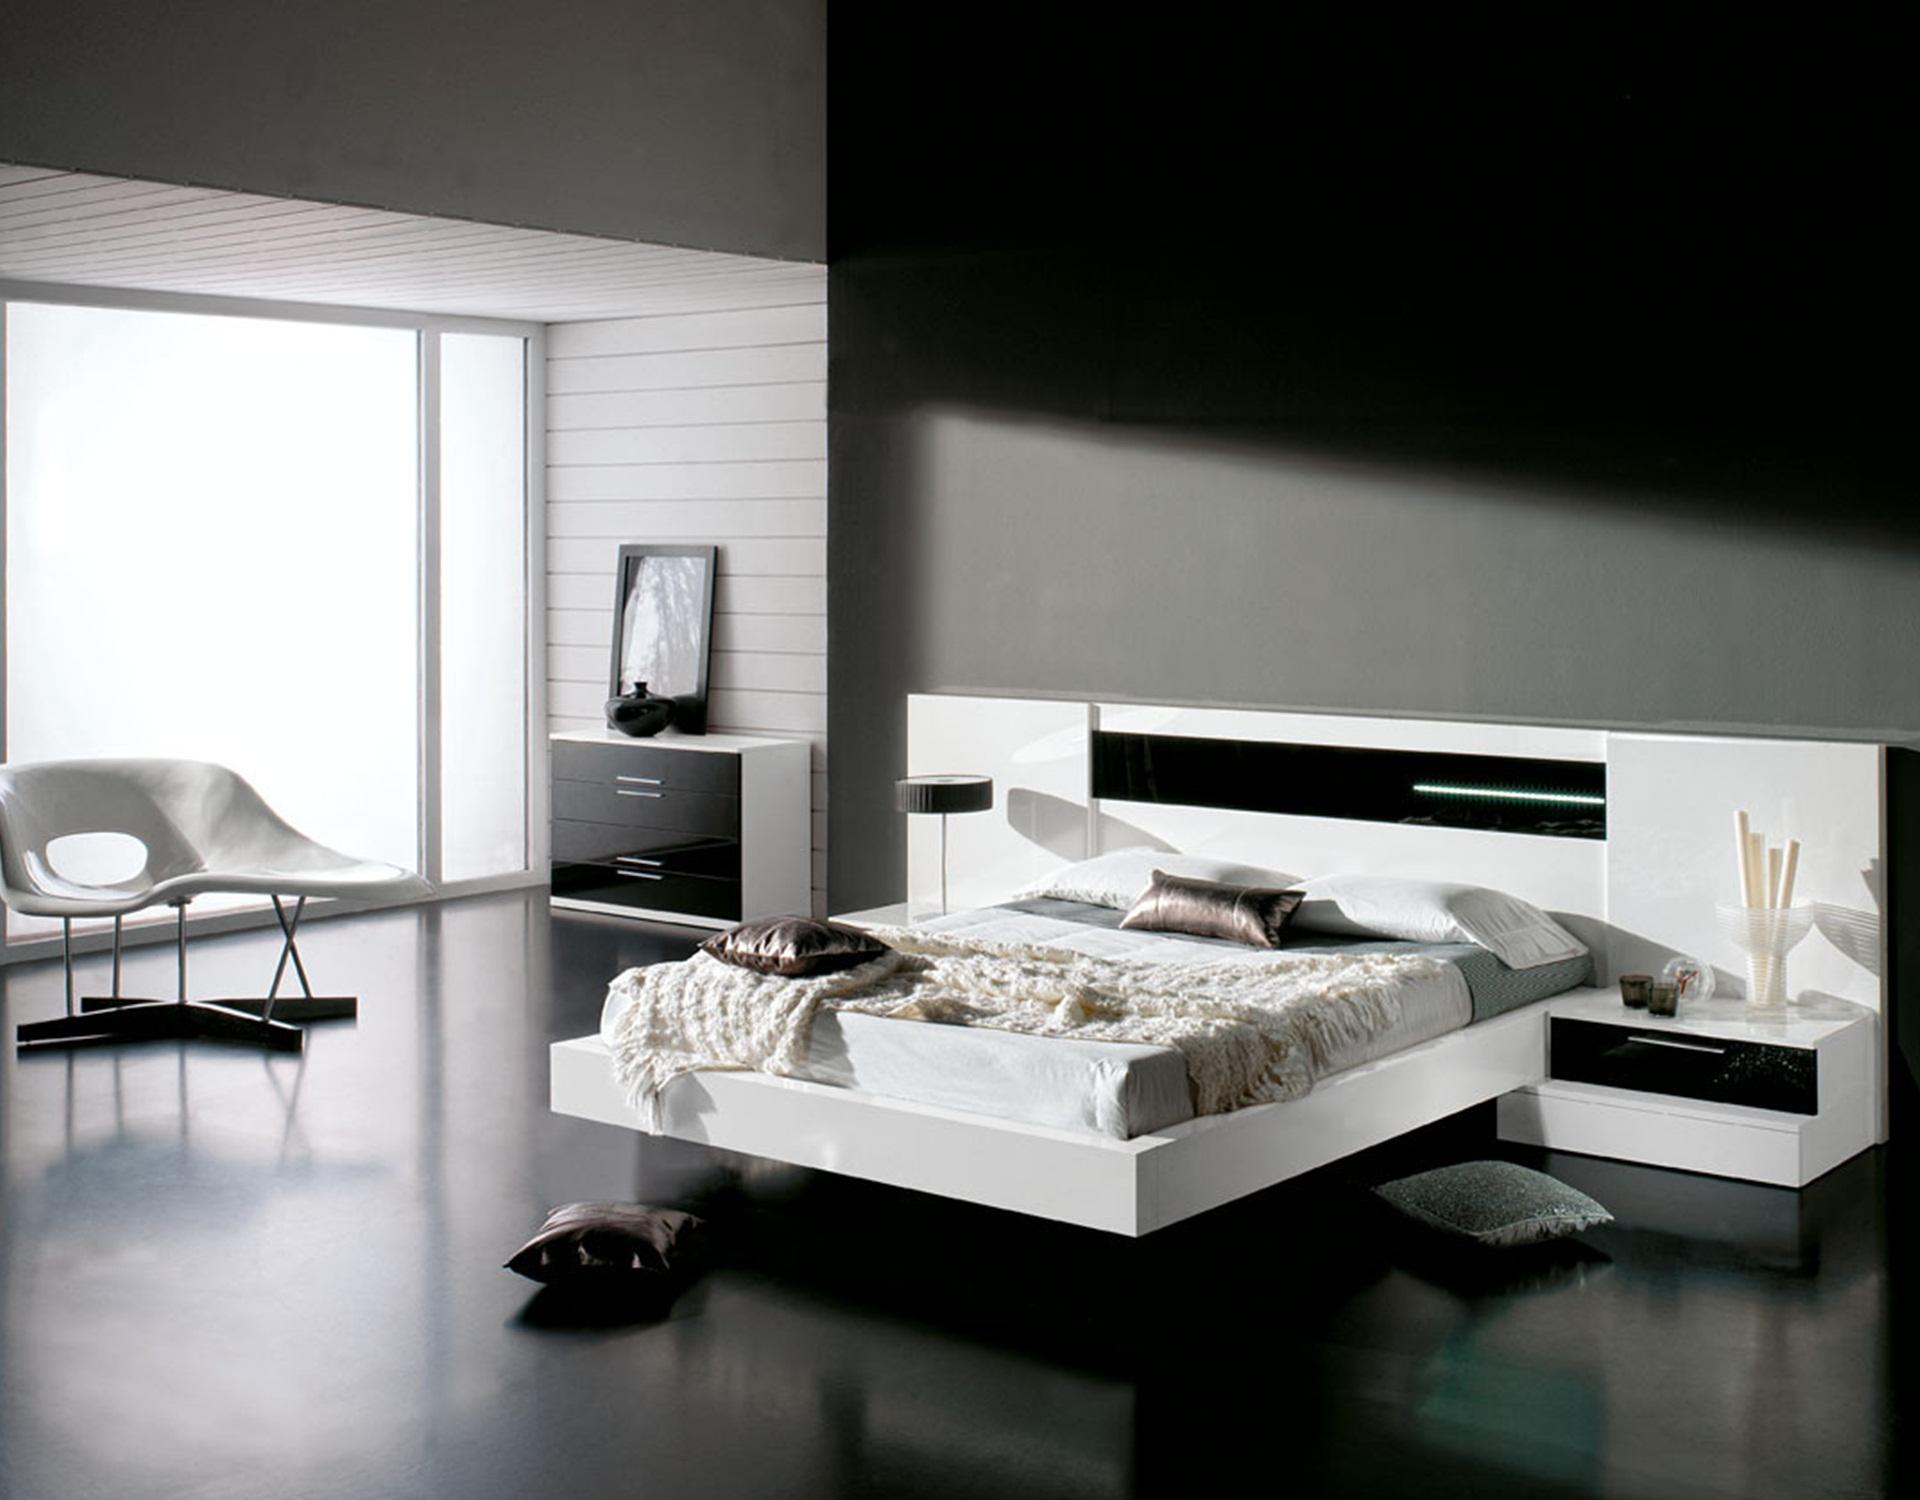 Una habitaci n elegante en blanco y negro a decorar mi casa - Dormitorios blanco y negro ...